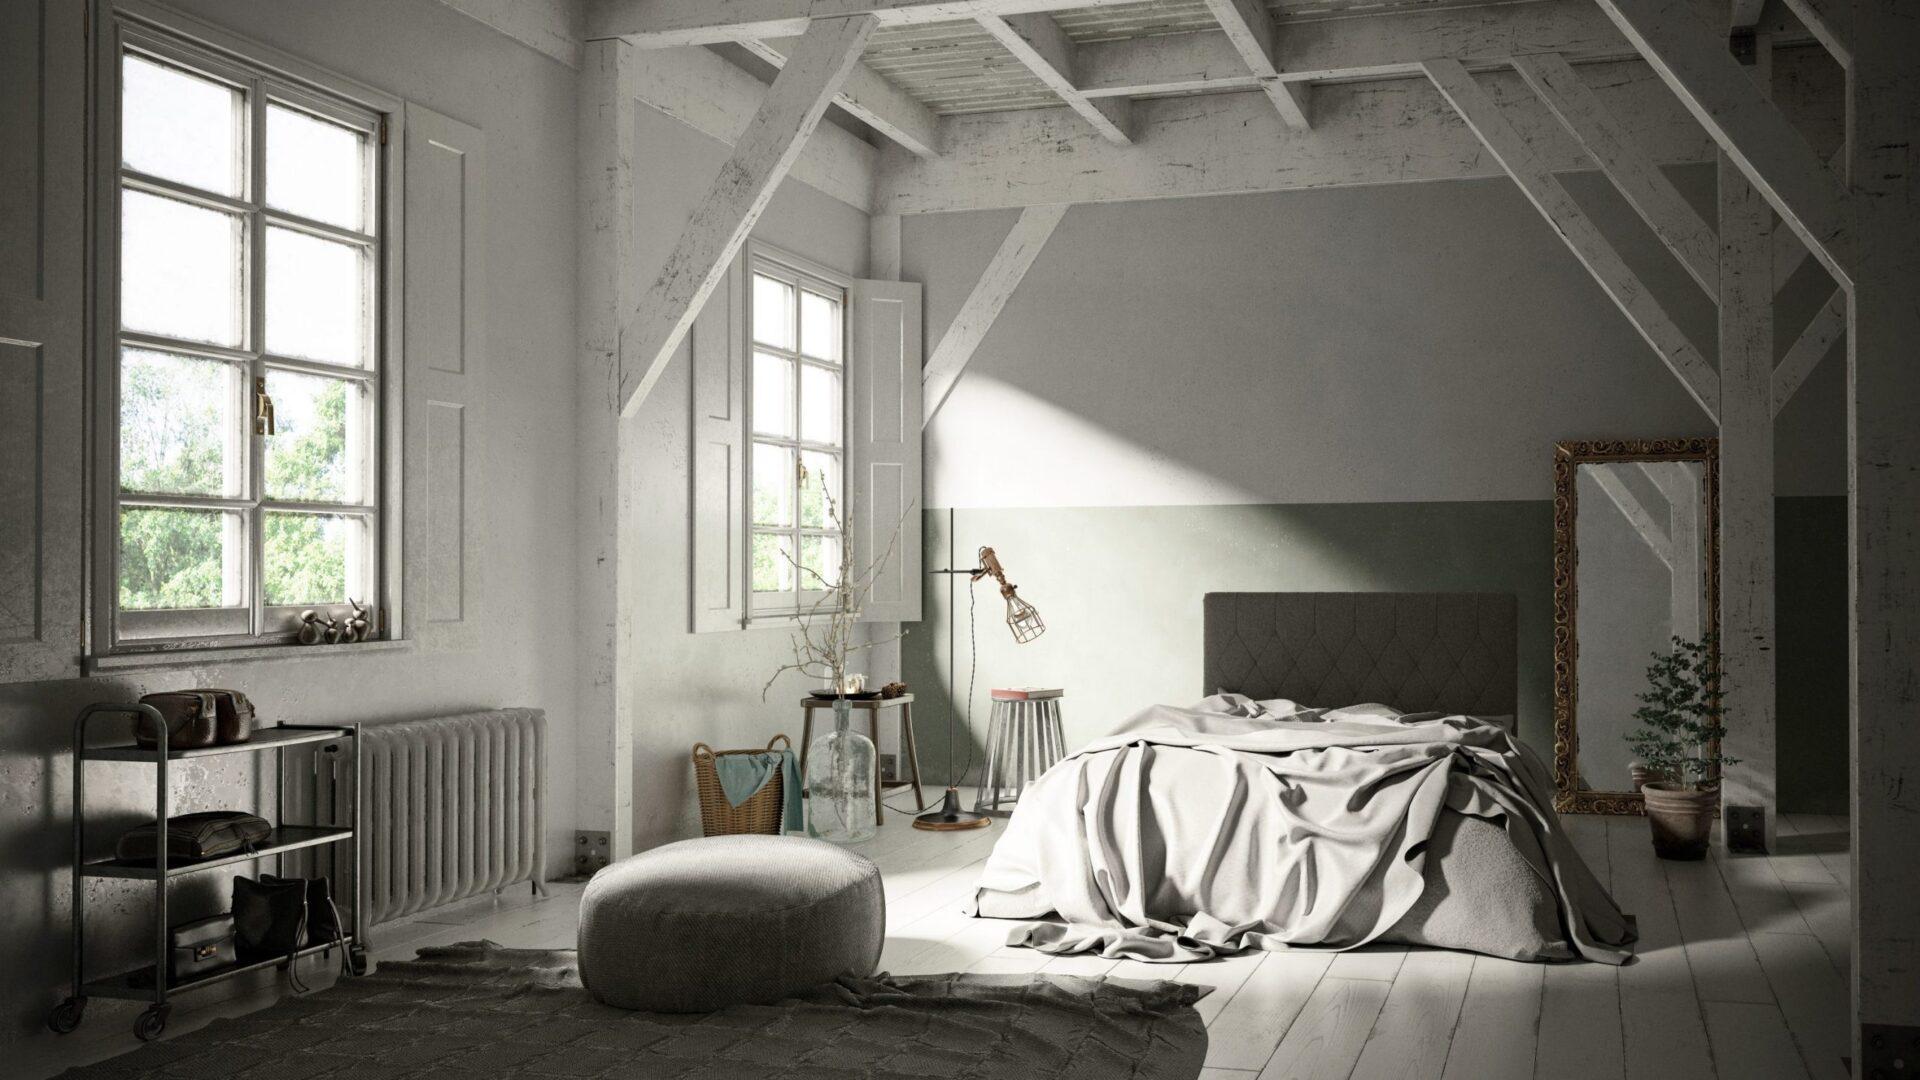 shutterstock 1024722079 e1559056584260 scaled Zo maak je jouw bed net zo mooi op als in een hotel (6 tips waar je écht iets mee kunt)